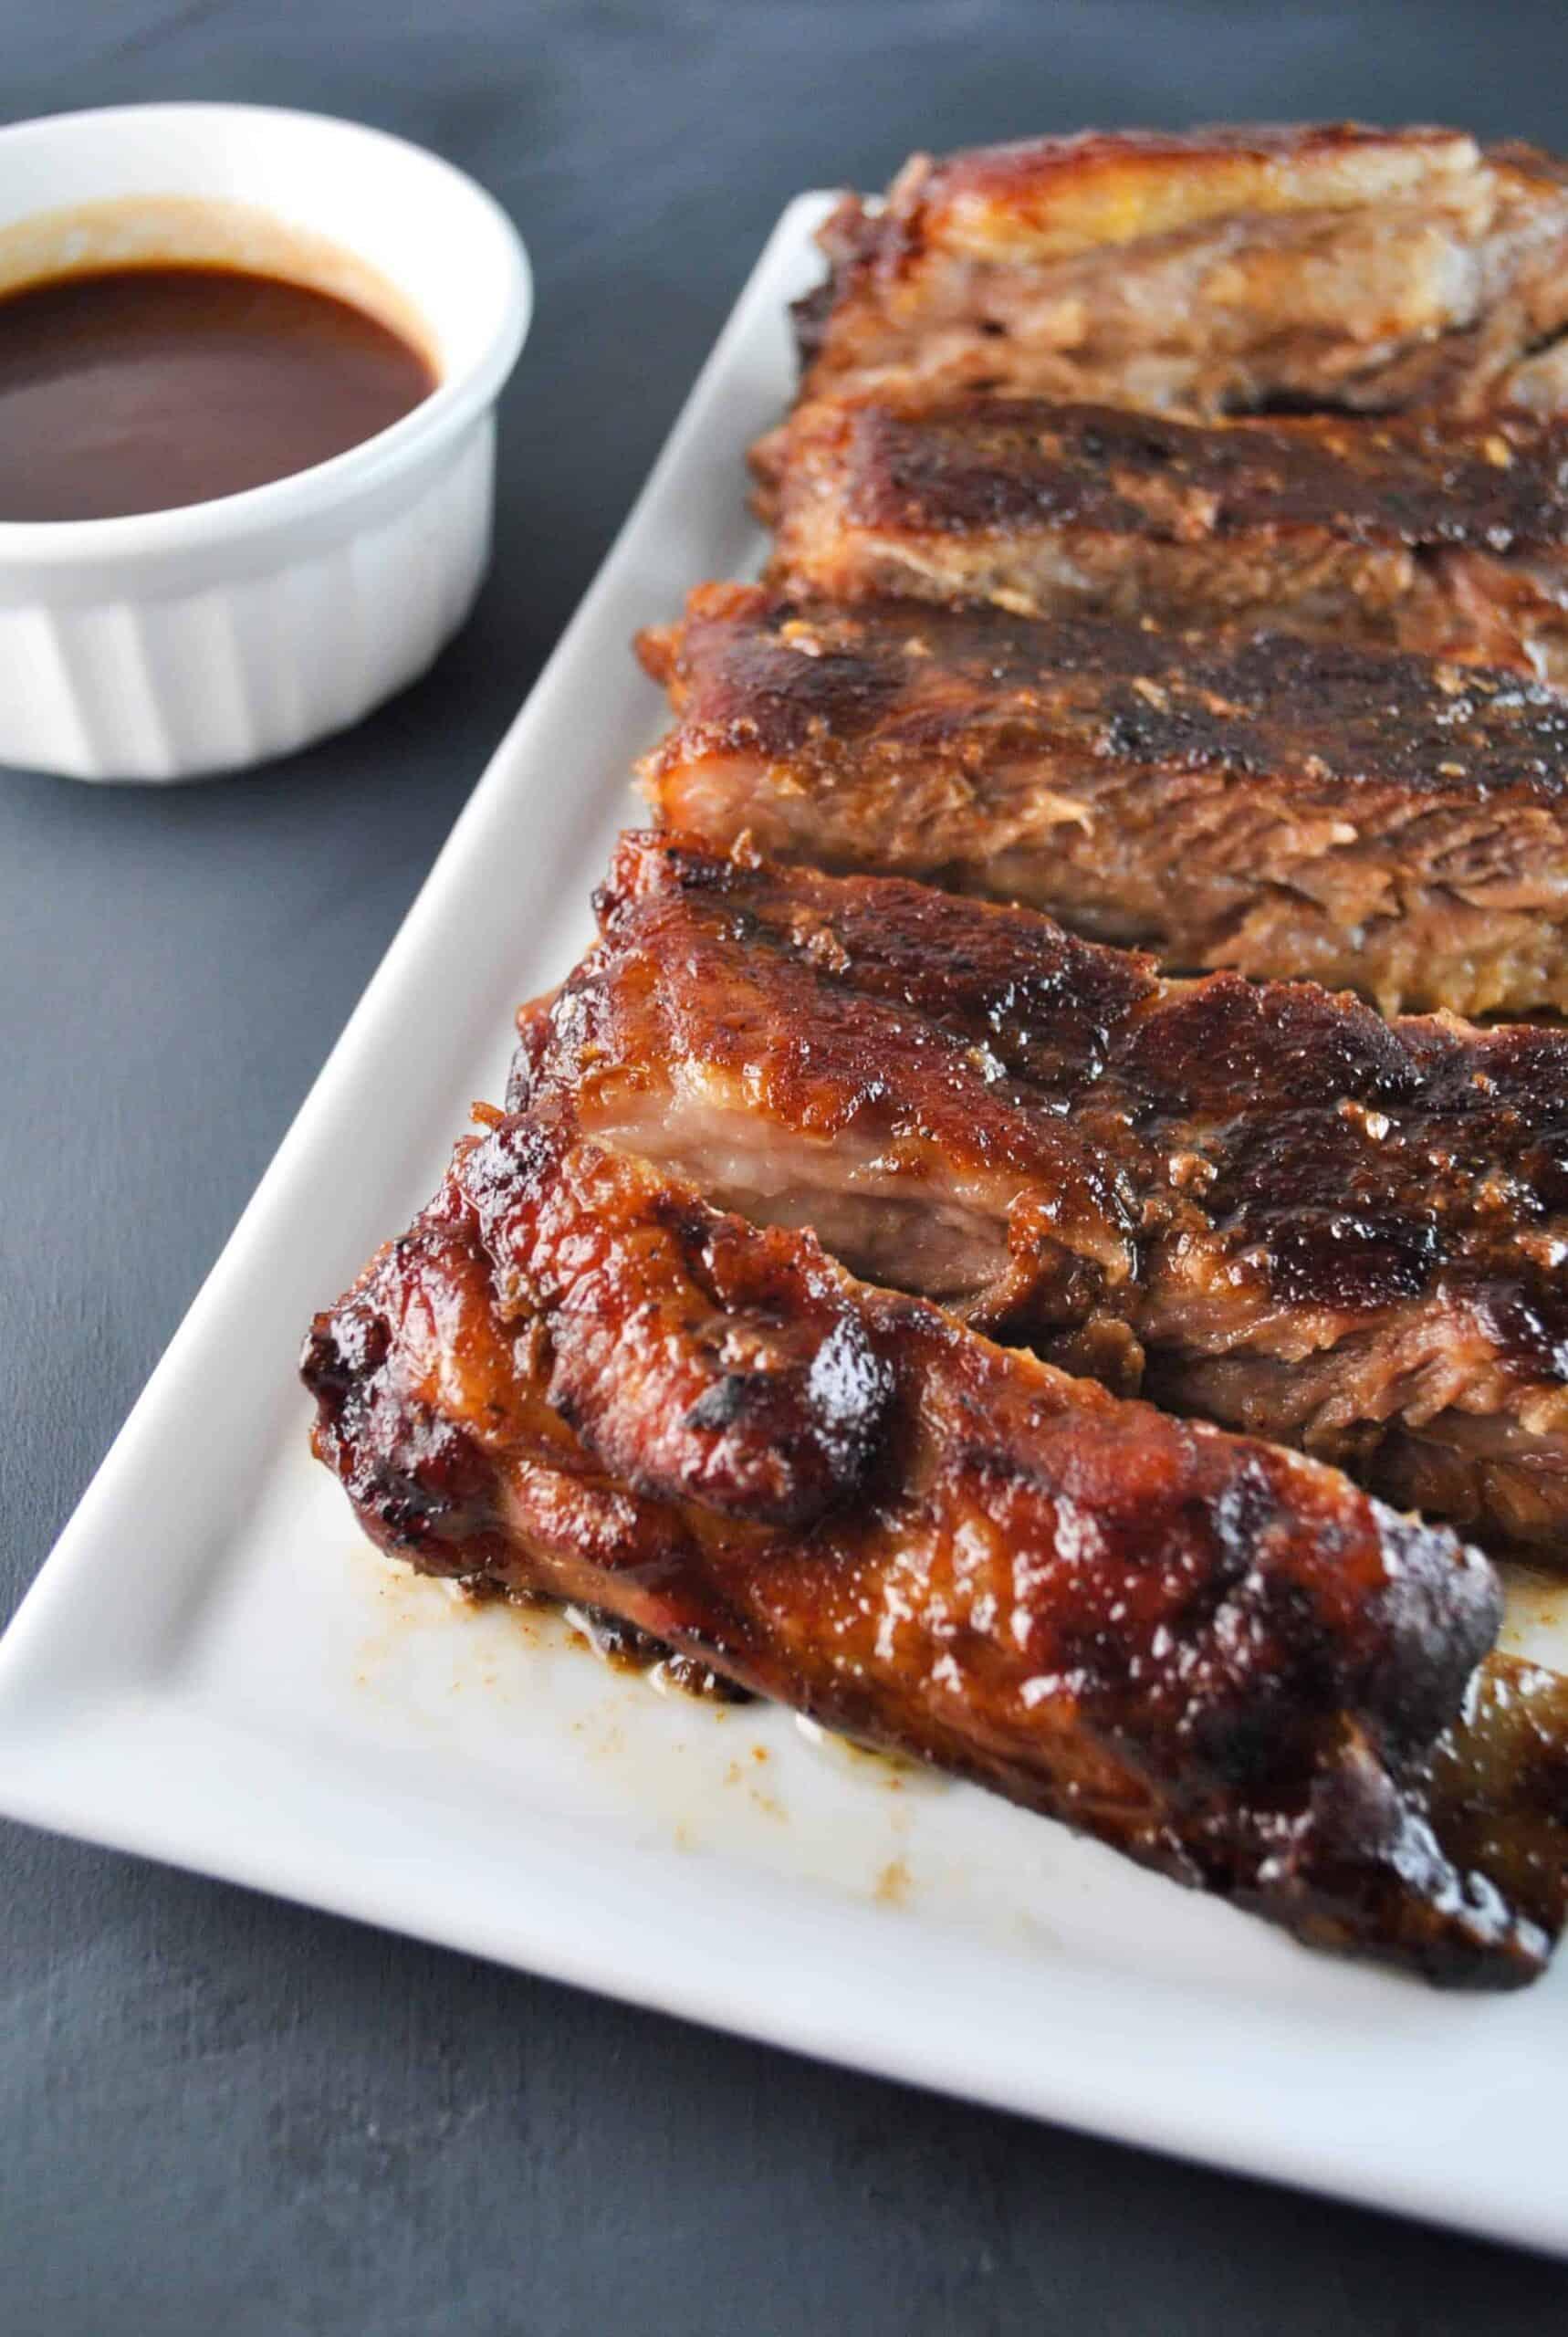 Maple brown sugar bbq ribs